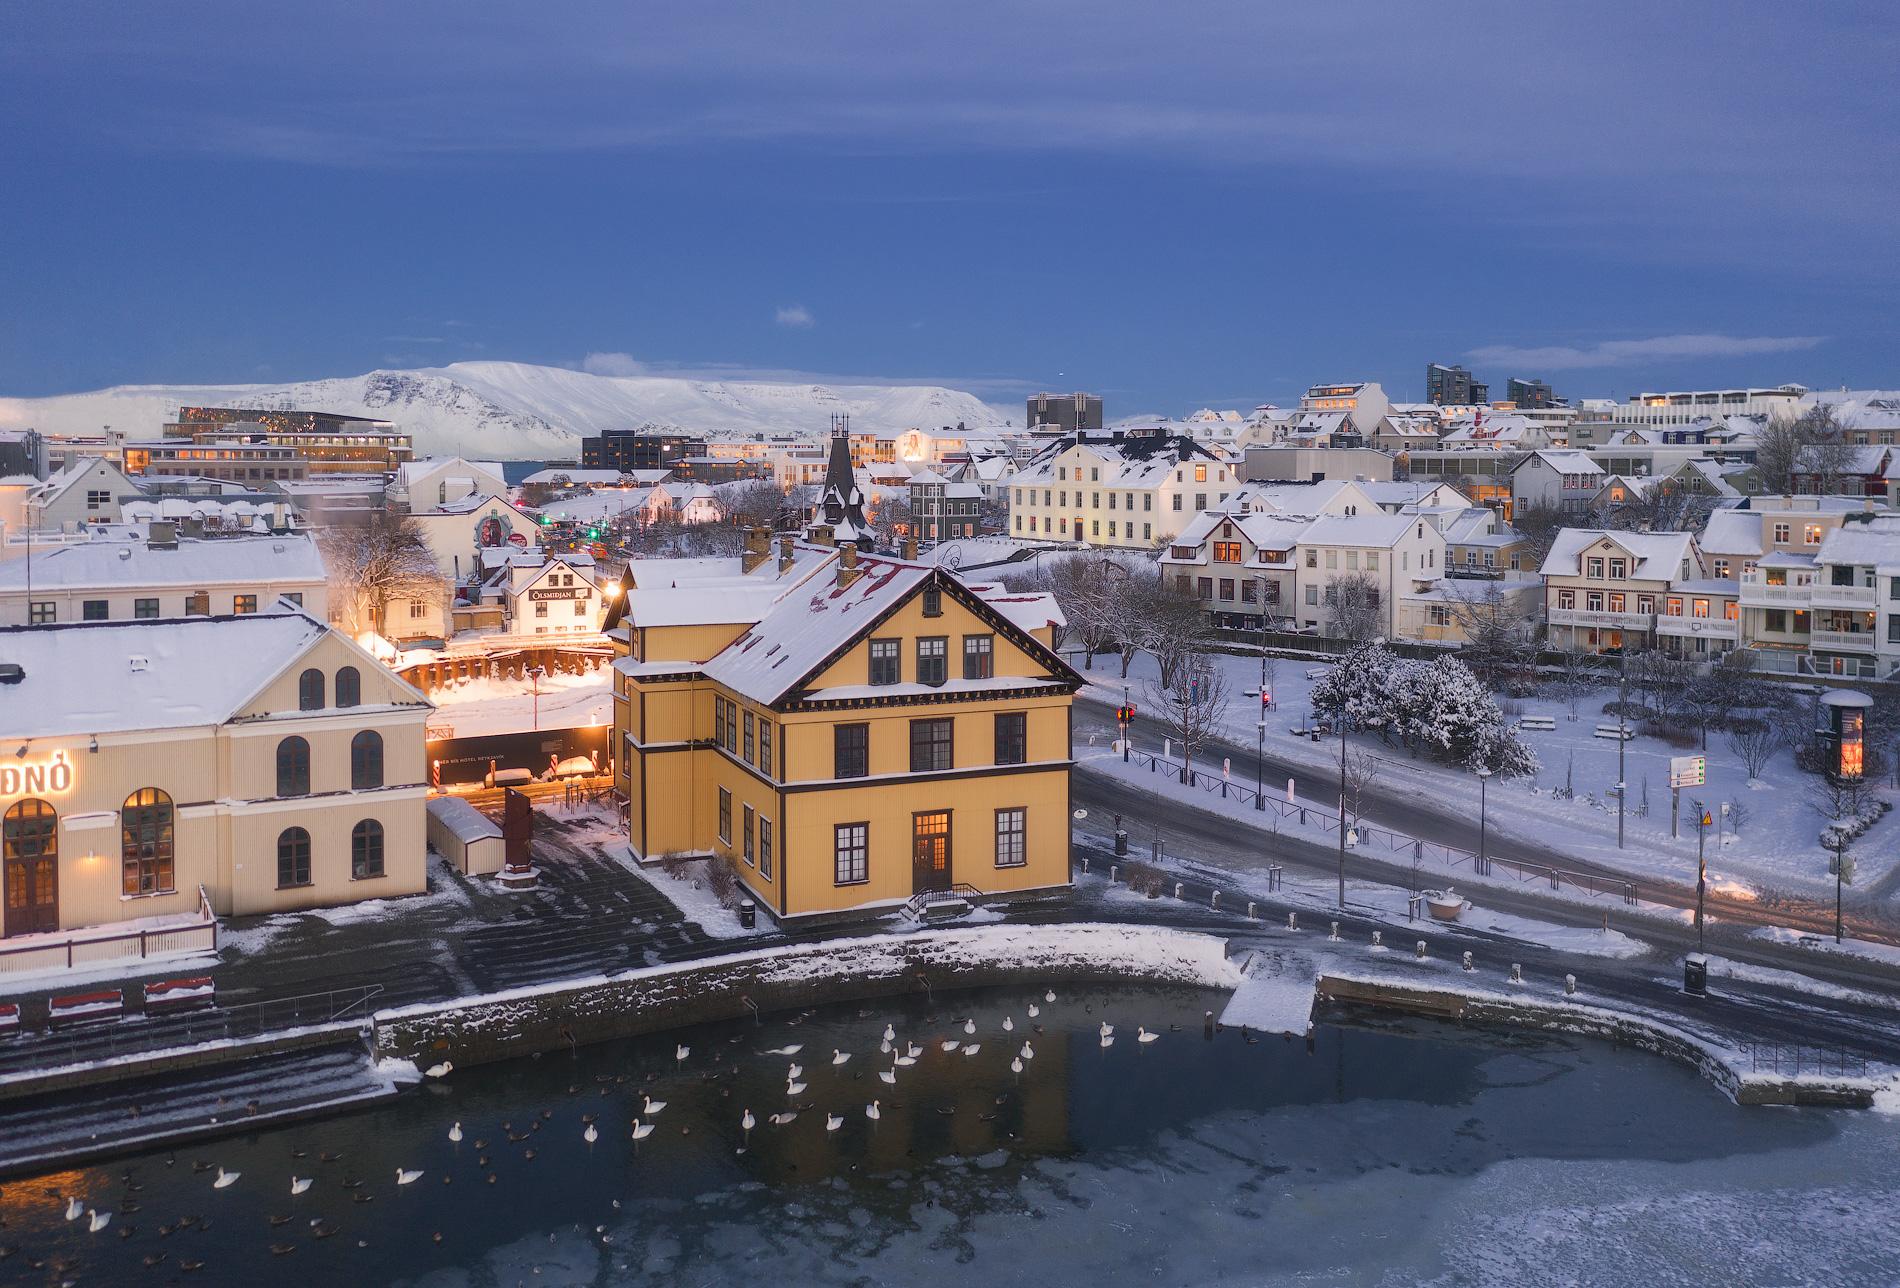 11-дневный зимний мастер-класс по ландшафтной фотографии в Исландии - day 11